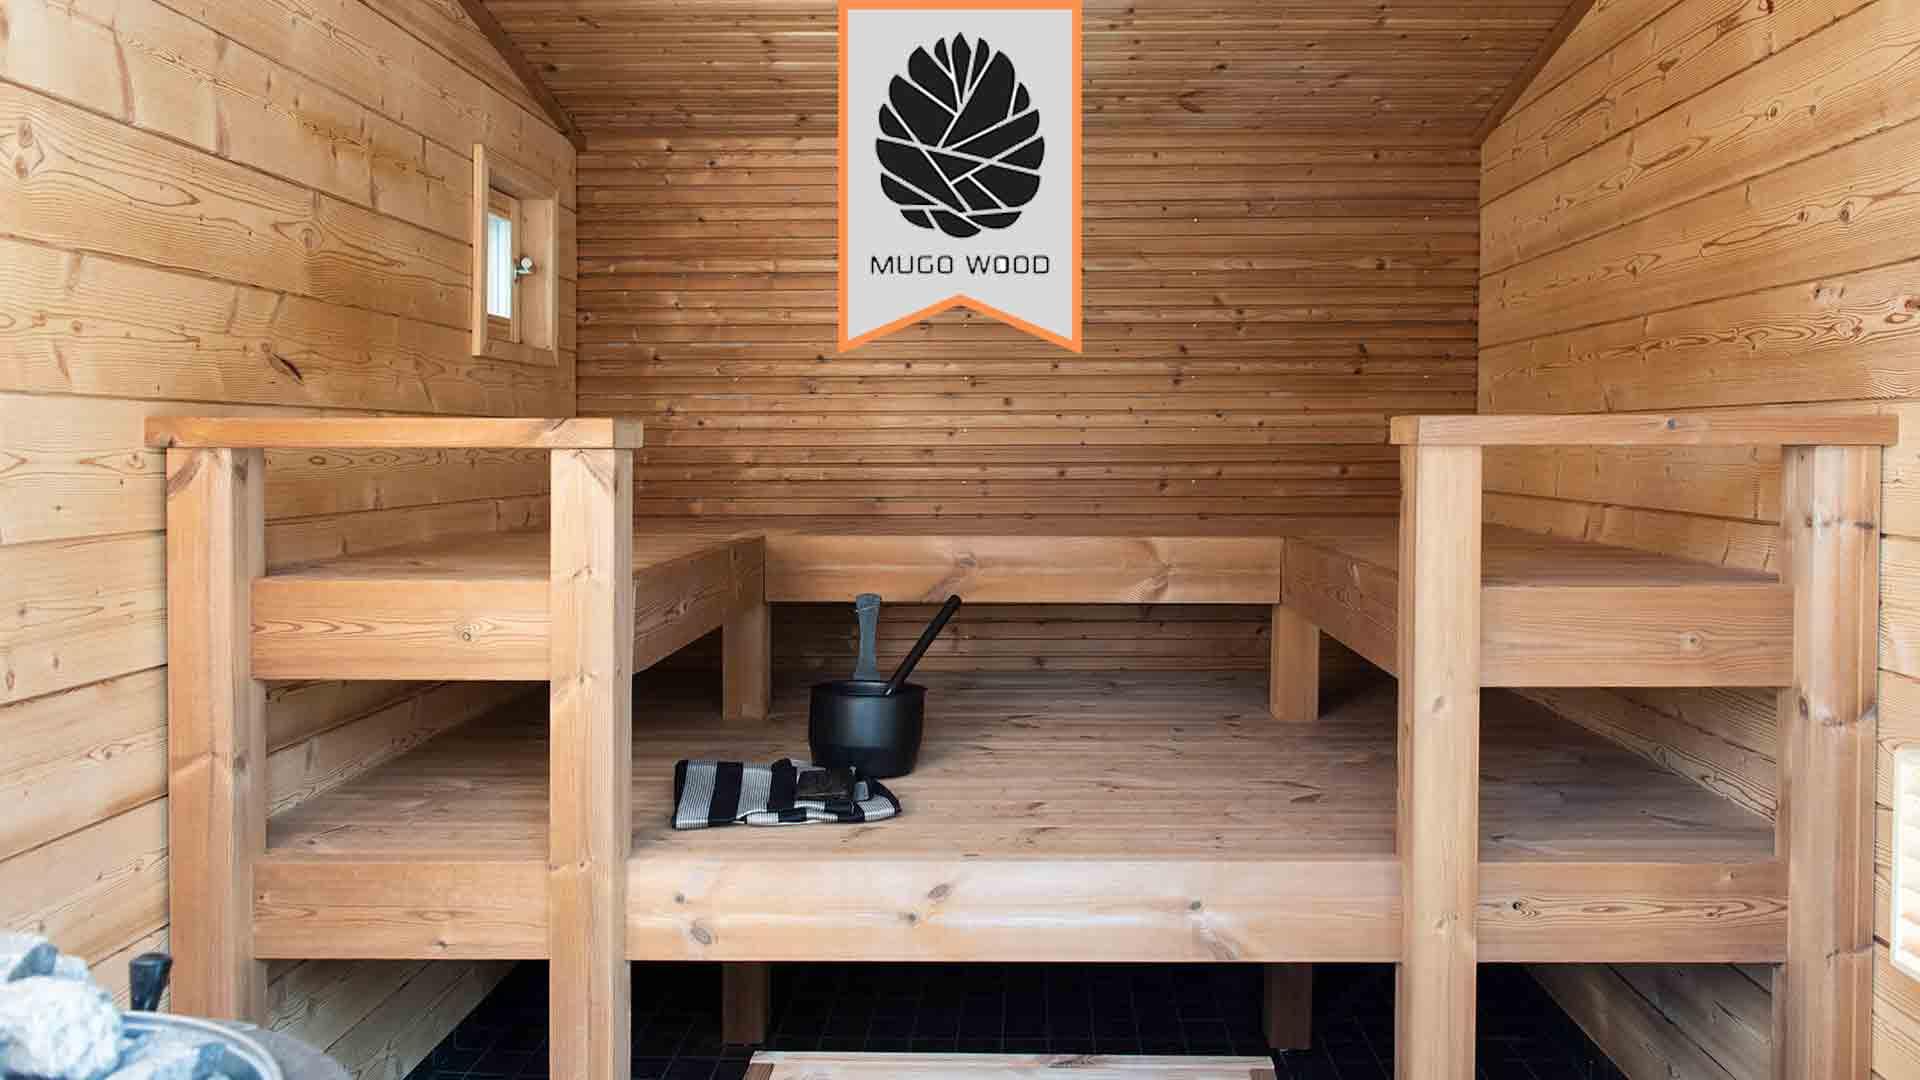 کاربرد چوب ترموود | چوب ترموود چیست | چوب ترموود قیمت | چوب ترموود در دکوراسیون داخلی | ترموود | ترمووود | چوب ترمو | چوب ترموود | رنگ ترموود | ترموود ایرانی